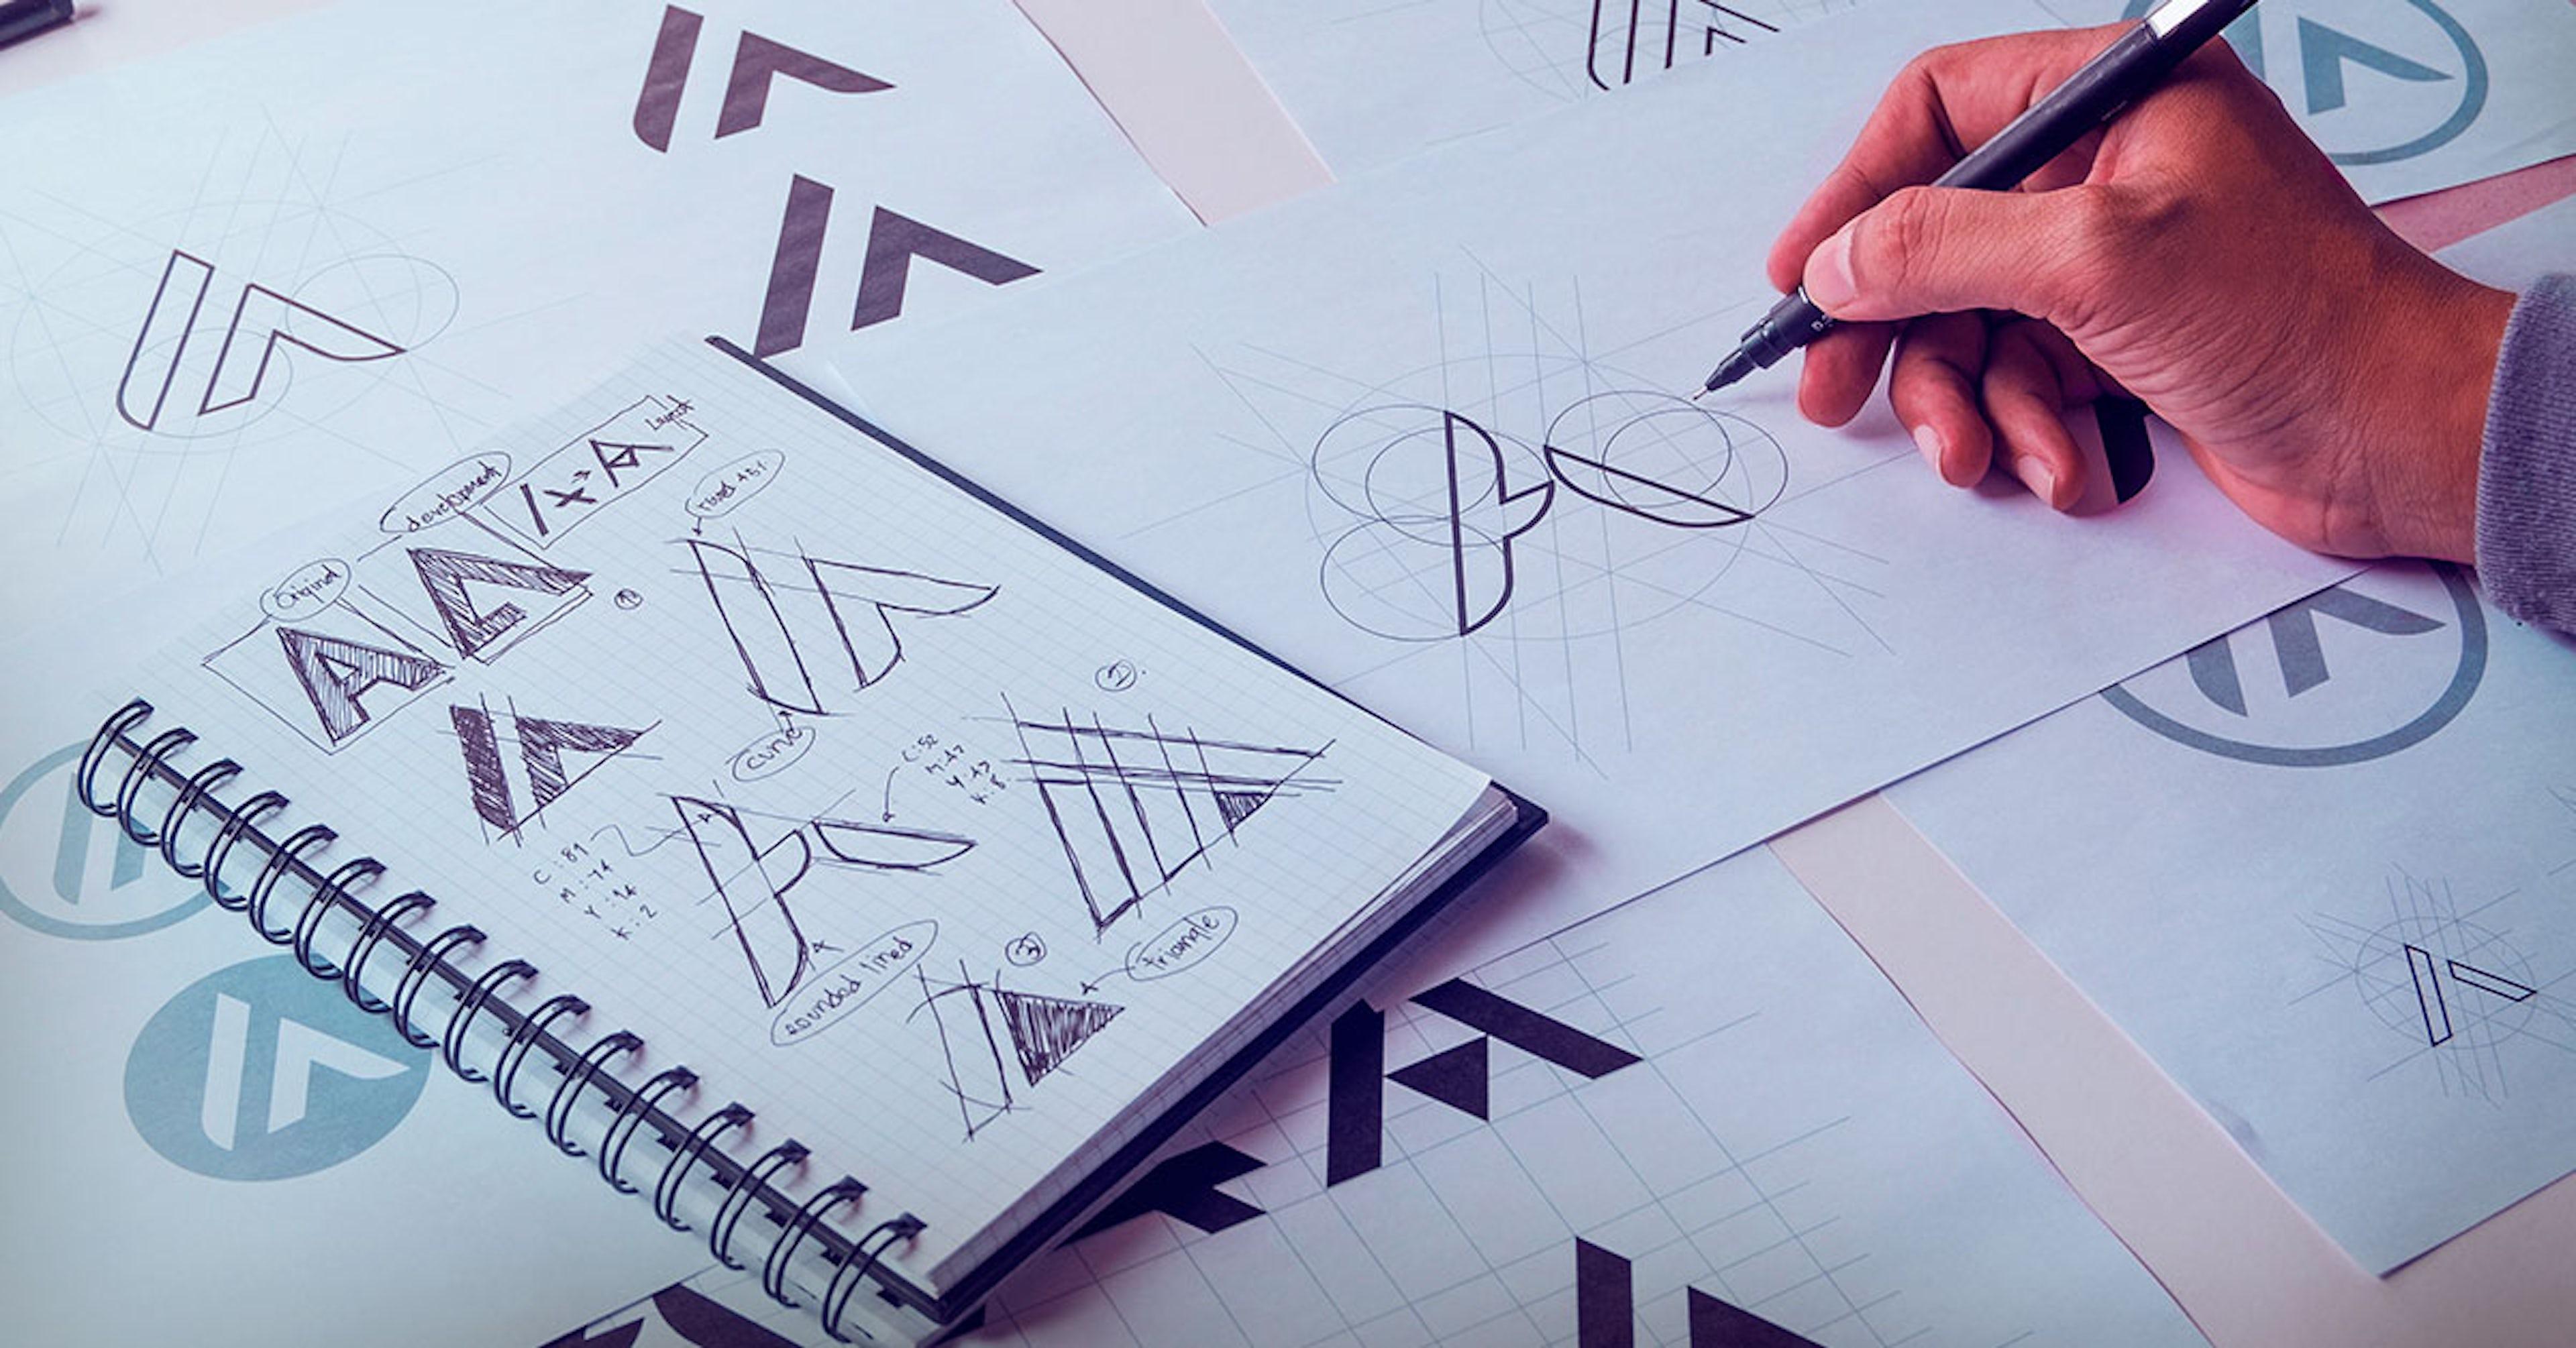 Factores que hay que tomar en cuenta para diseñar un logotipo llamativo o acorde a tu empresa